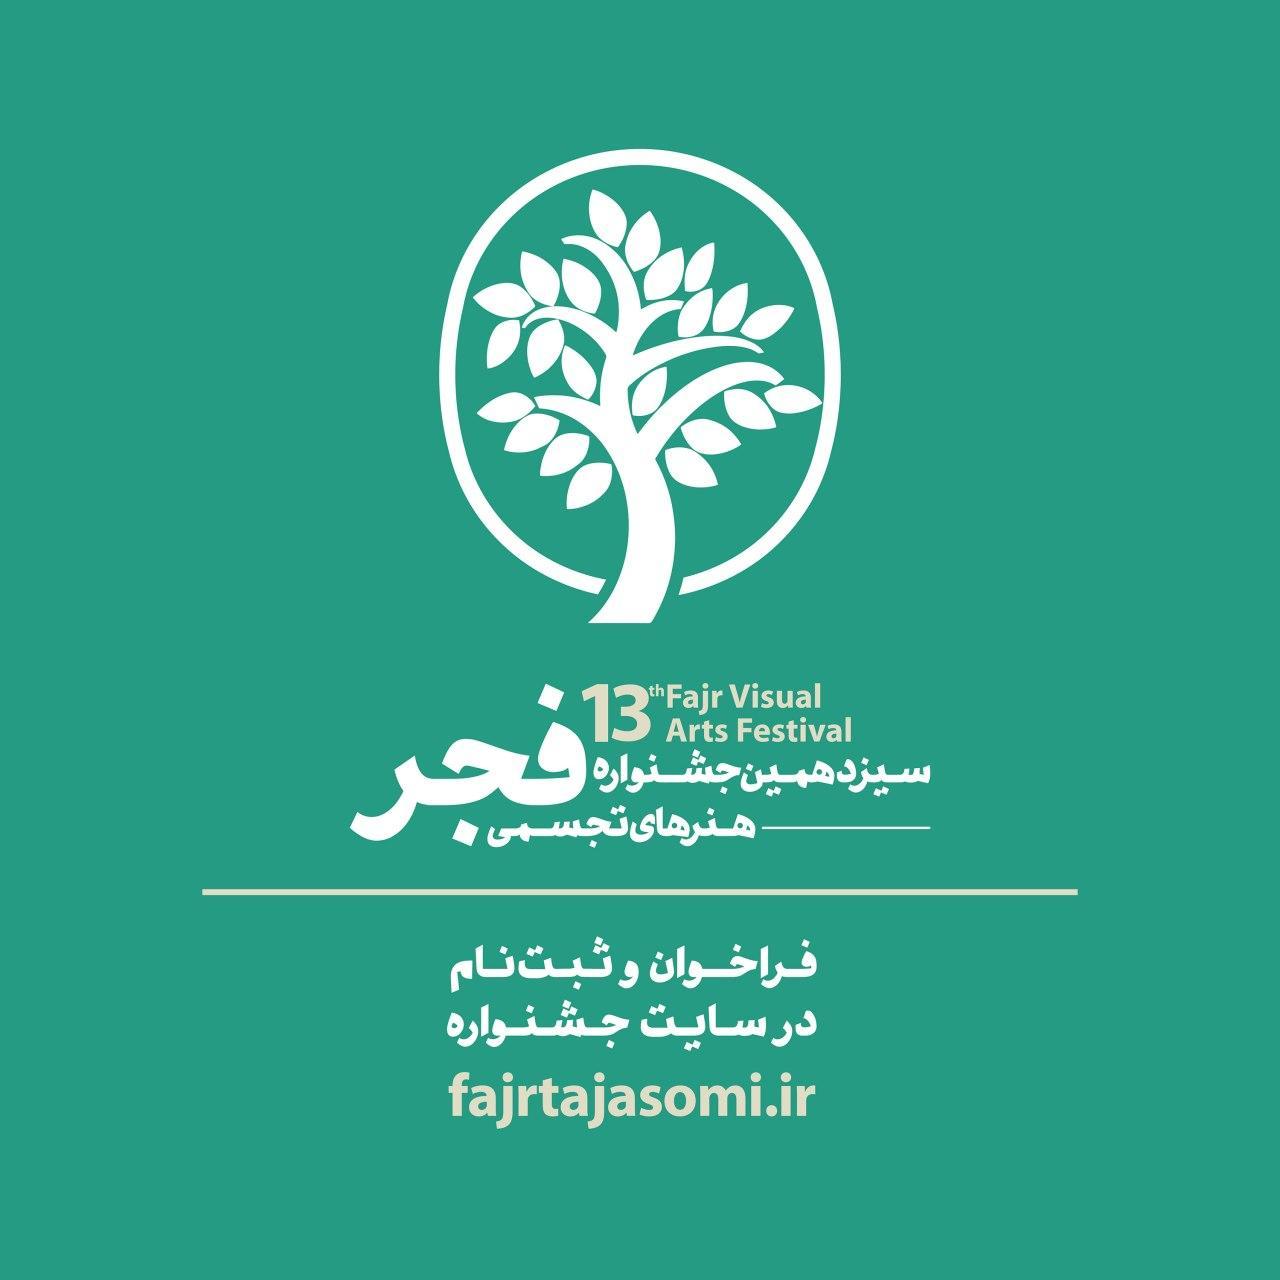 فراخوان سیزدهمین جشنواره هنرهای تجسمی فجر (طوبای زرین)